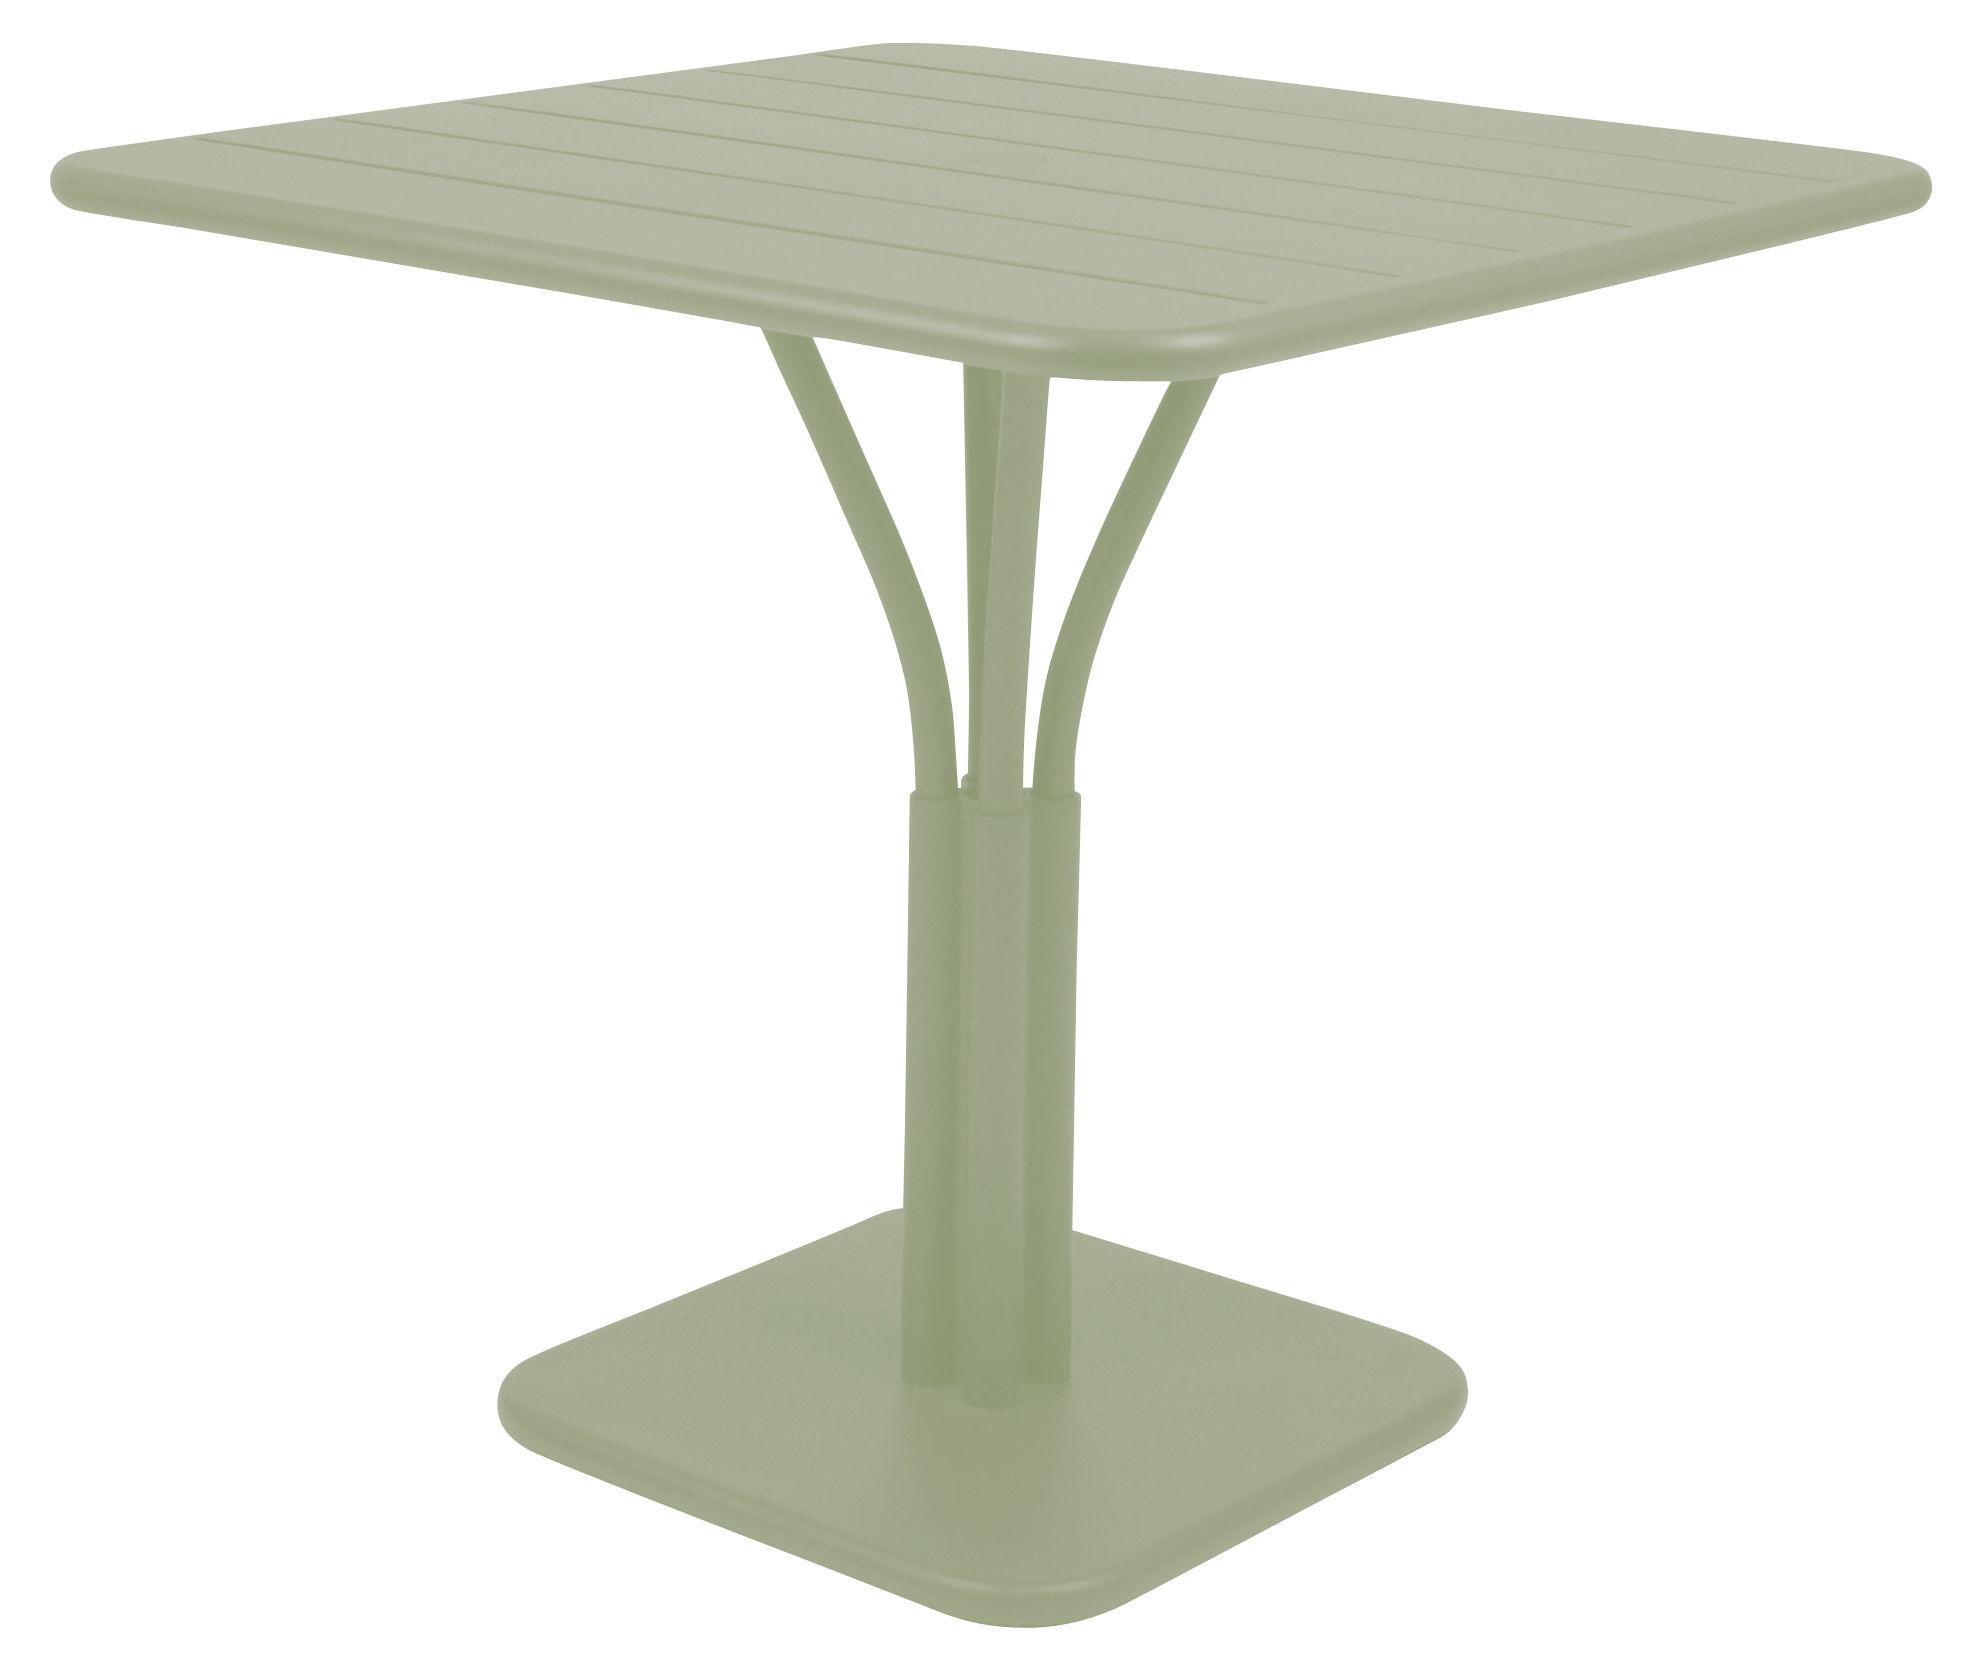 Luxembourg Gartentisch 80 X 80 Cm Linde By Fermob Made In Design